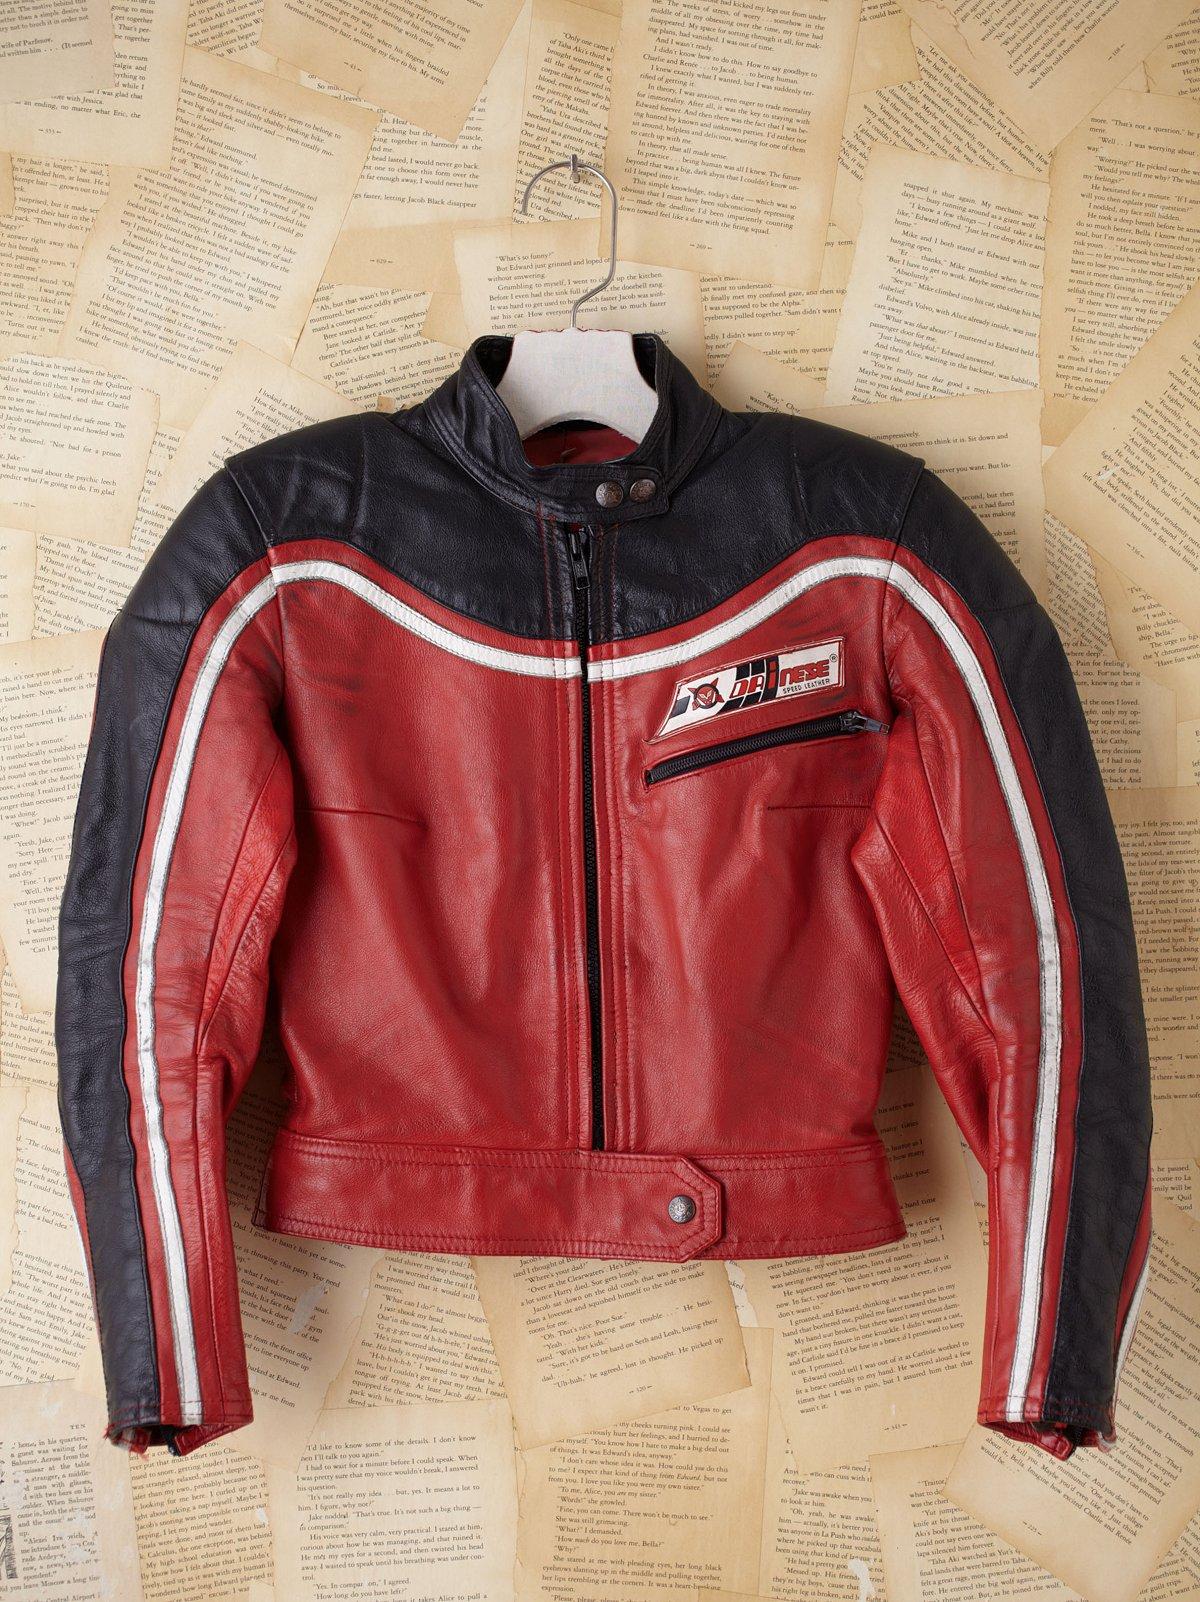 Vintage Racing Jacket